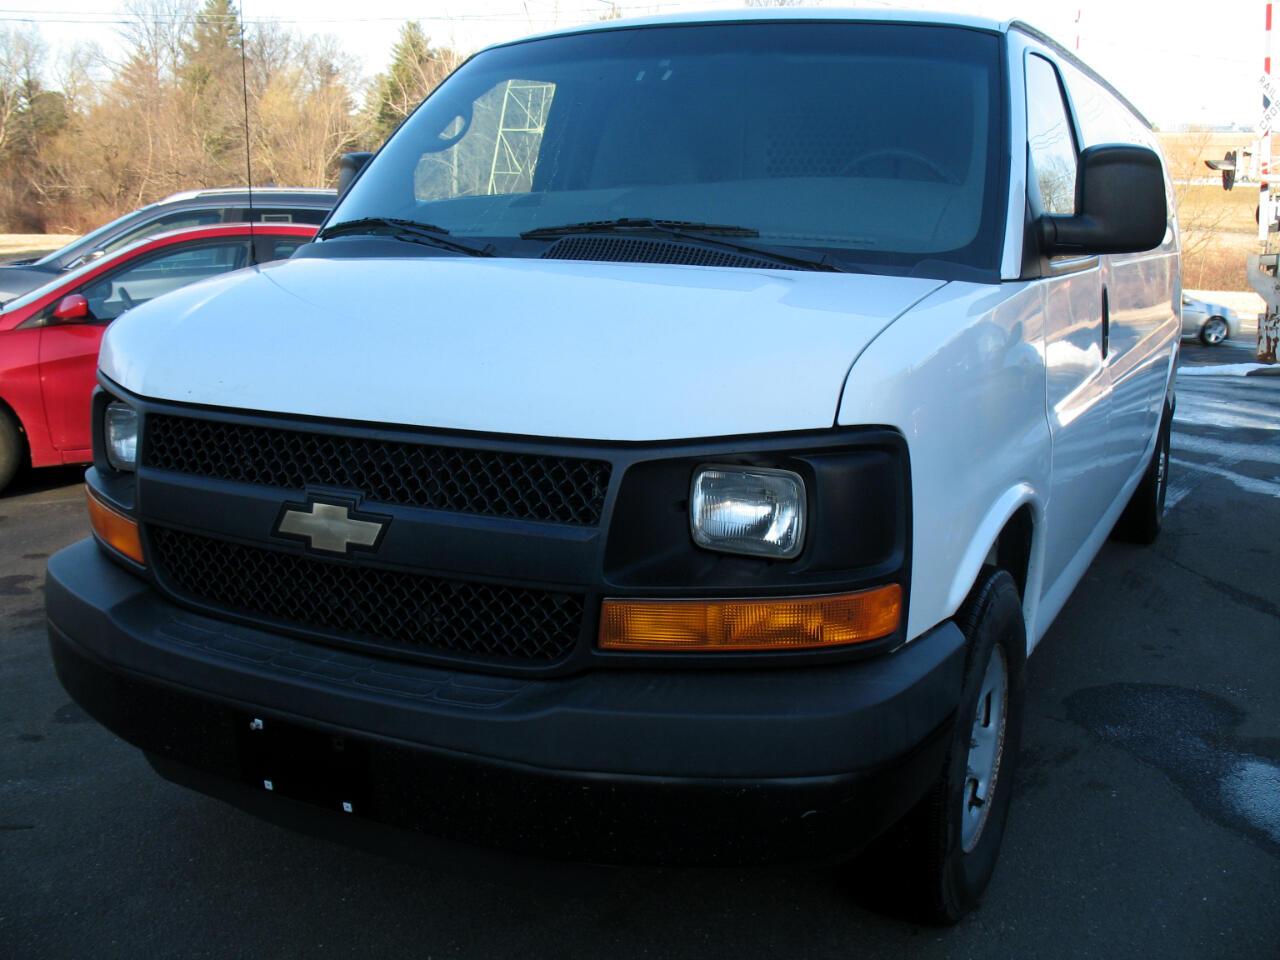 2013 Chevrolet Express Cargo Van RWD 3500 155